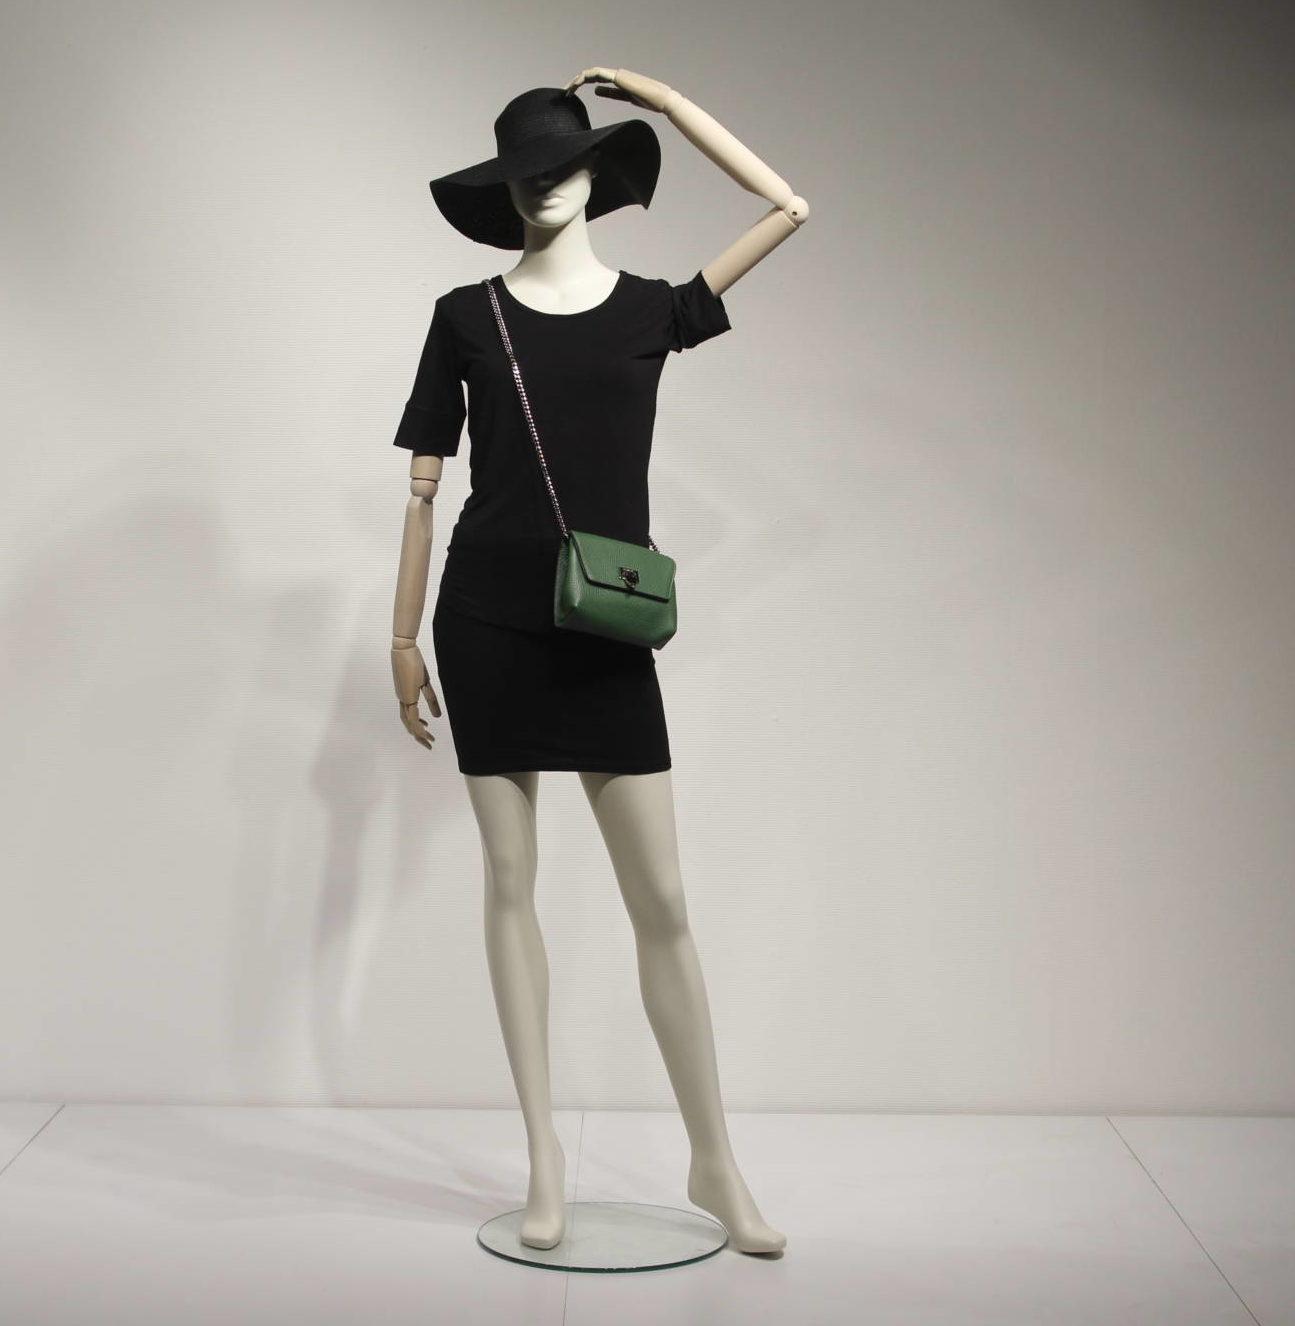 Elegante dame mannequiner med fleksible træarme. Vintage look. Feminint og stilfuld.